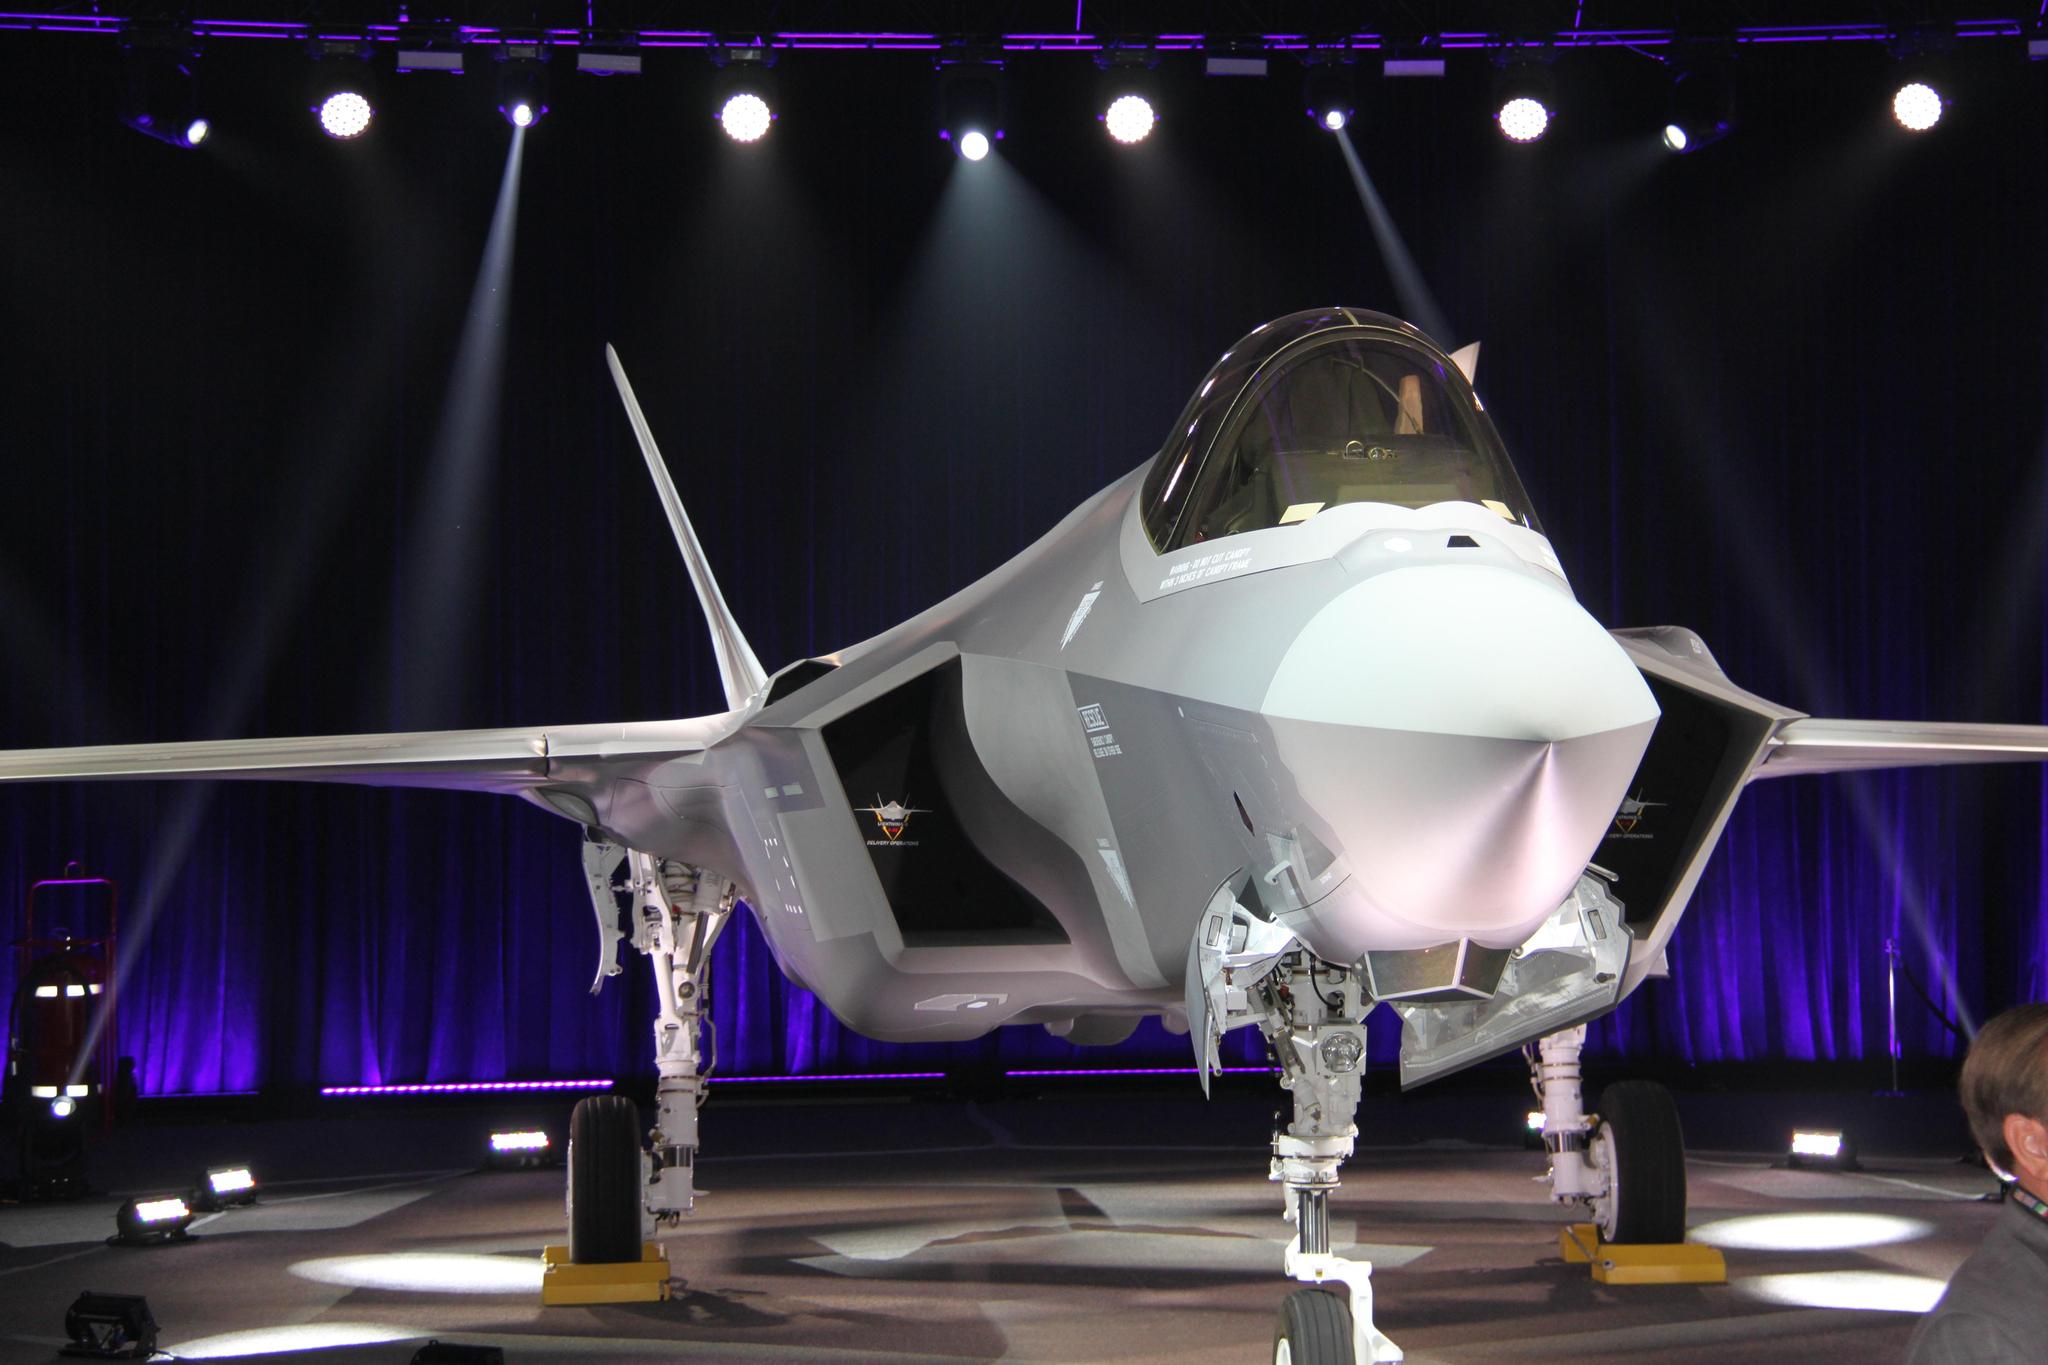 공군의 첫 스텔스 전투기 F-35A 1호기가 지난해 3월 제작사인 록히드마틴의 미국 텍사스주 포트워스 최종 조립공장에서 공개되고 있다. [사진 방위산업청]